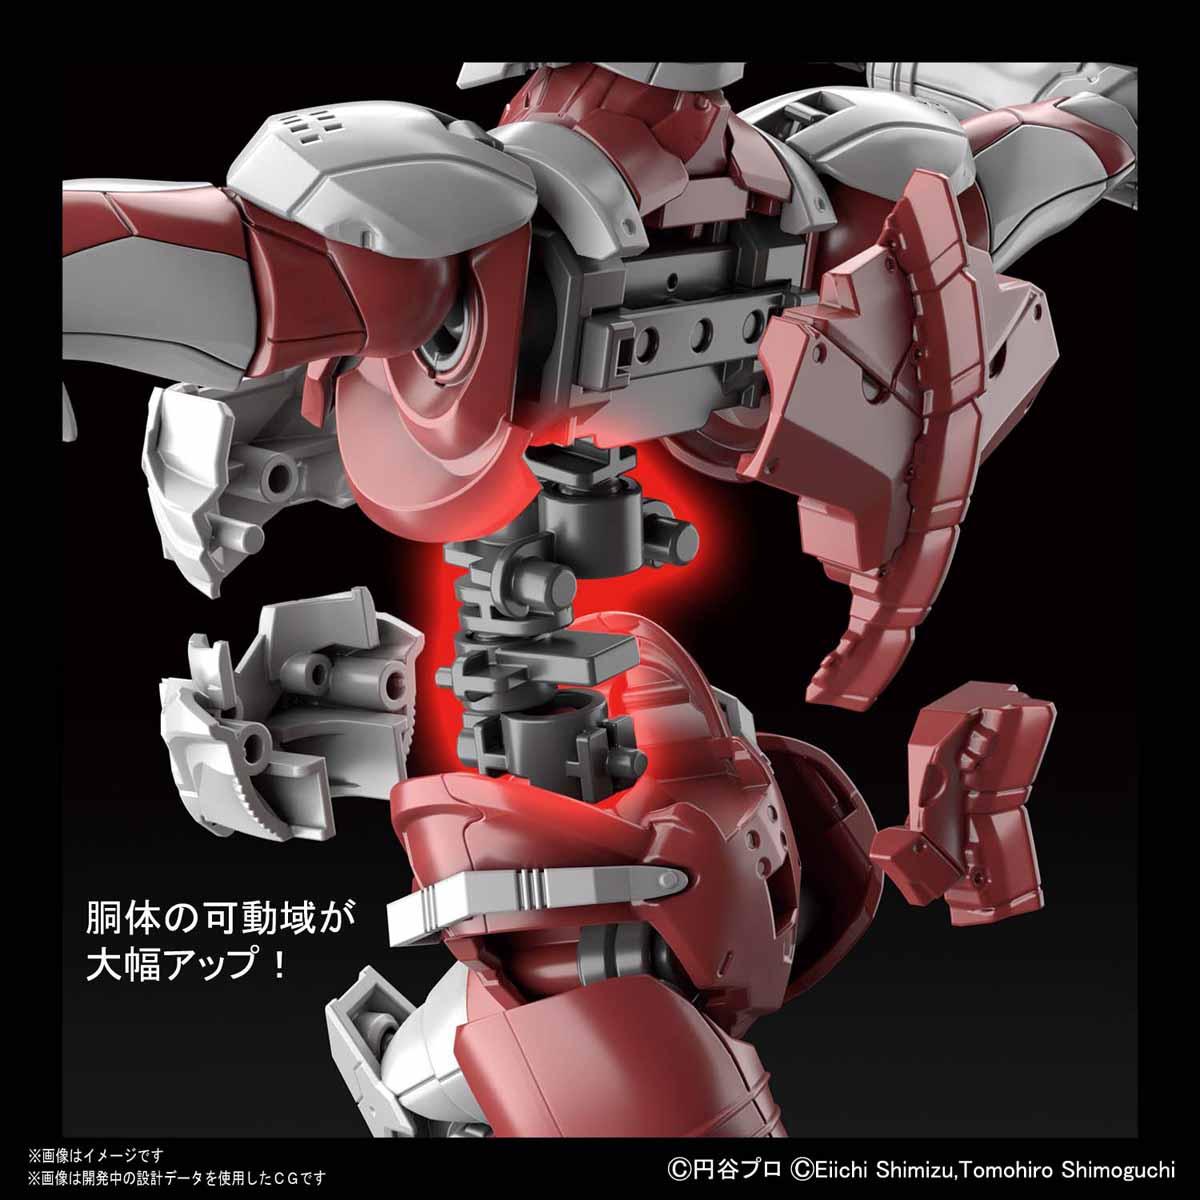 Figure-rise Standard『ULTRAMAN [B TYPE] -ACTION-』ウルトラマンスーツ Bタイプ 1/12 プラモデル-006